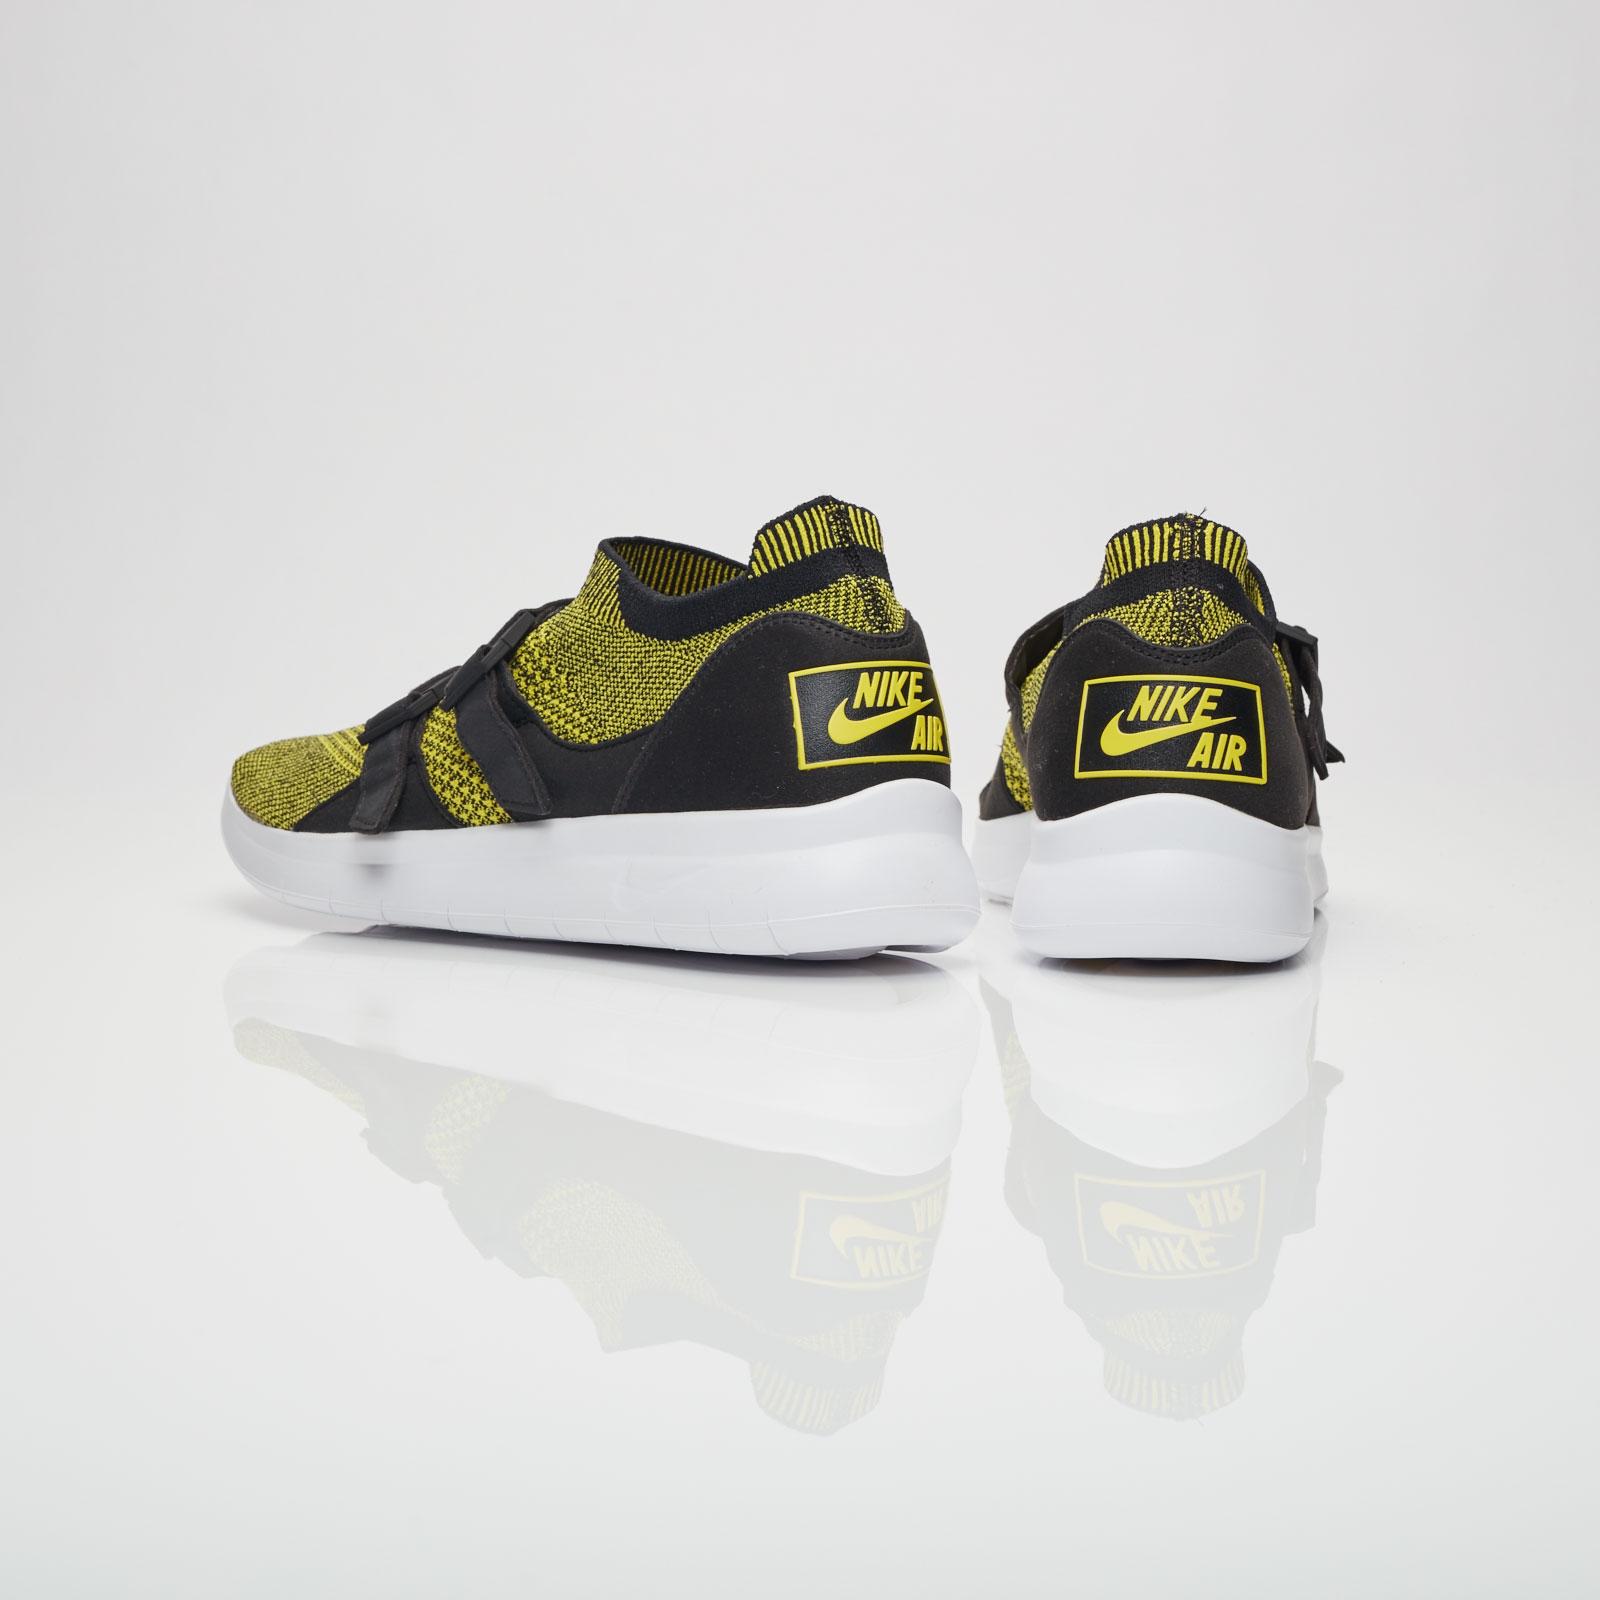 faaaaf03049d Nike Air Sock Racer Flyknit - 898022-700 - Sneakersnstuff